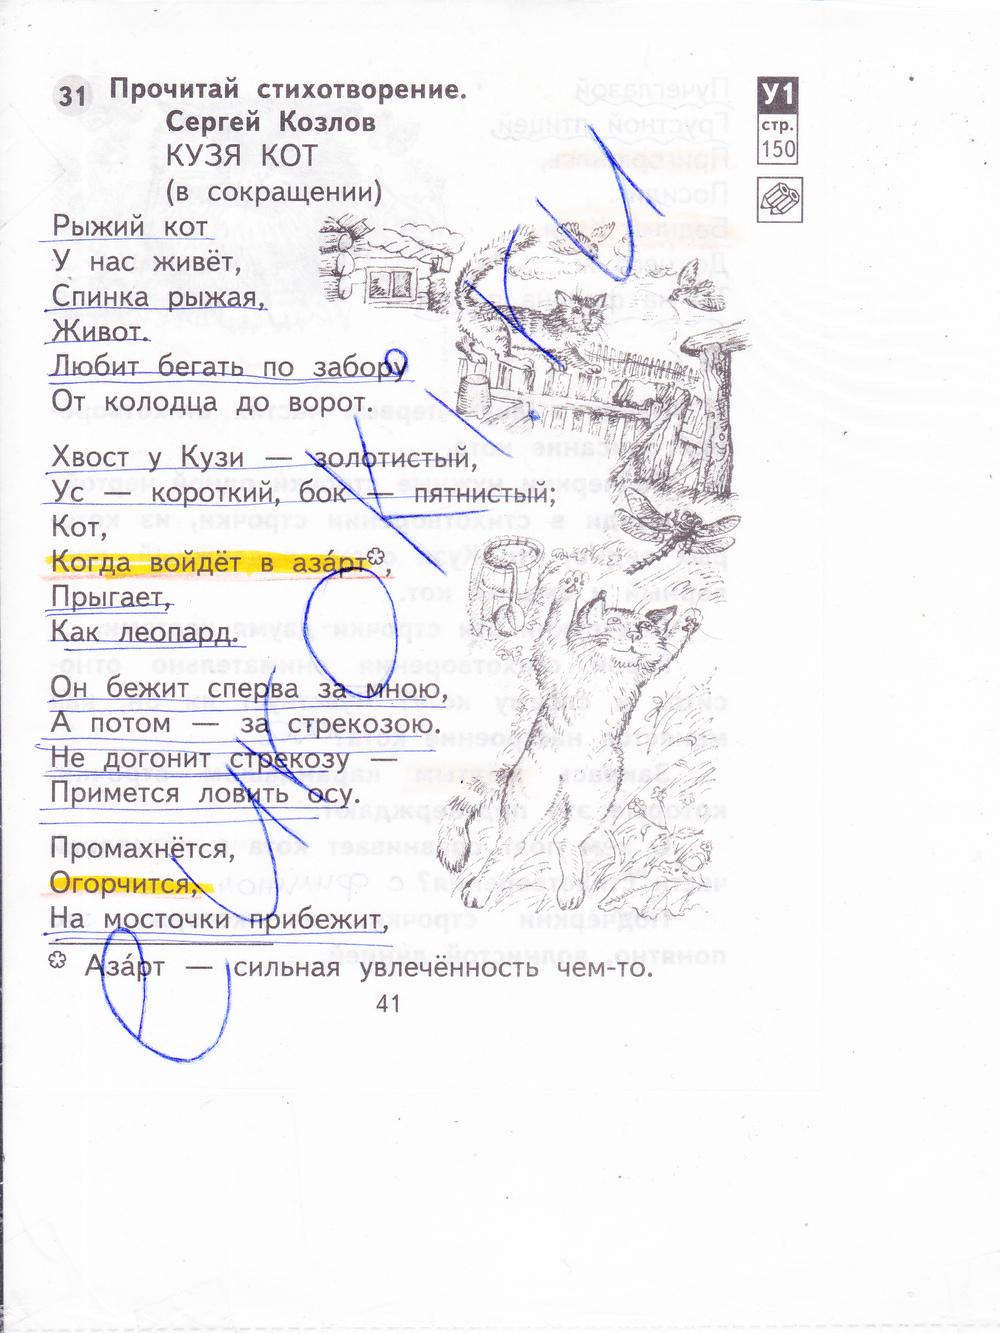 ГДЗ по литературному чтению 2 класс рабочая тетрадь Малаховская Часть 1, 2. Задание: стр. 41